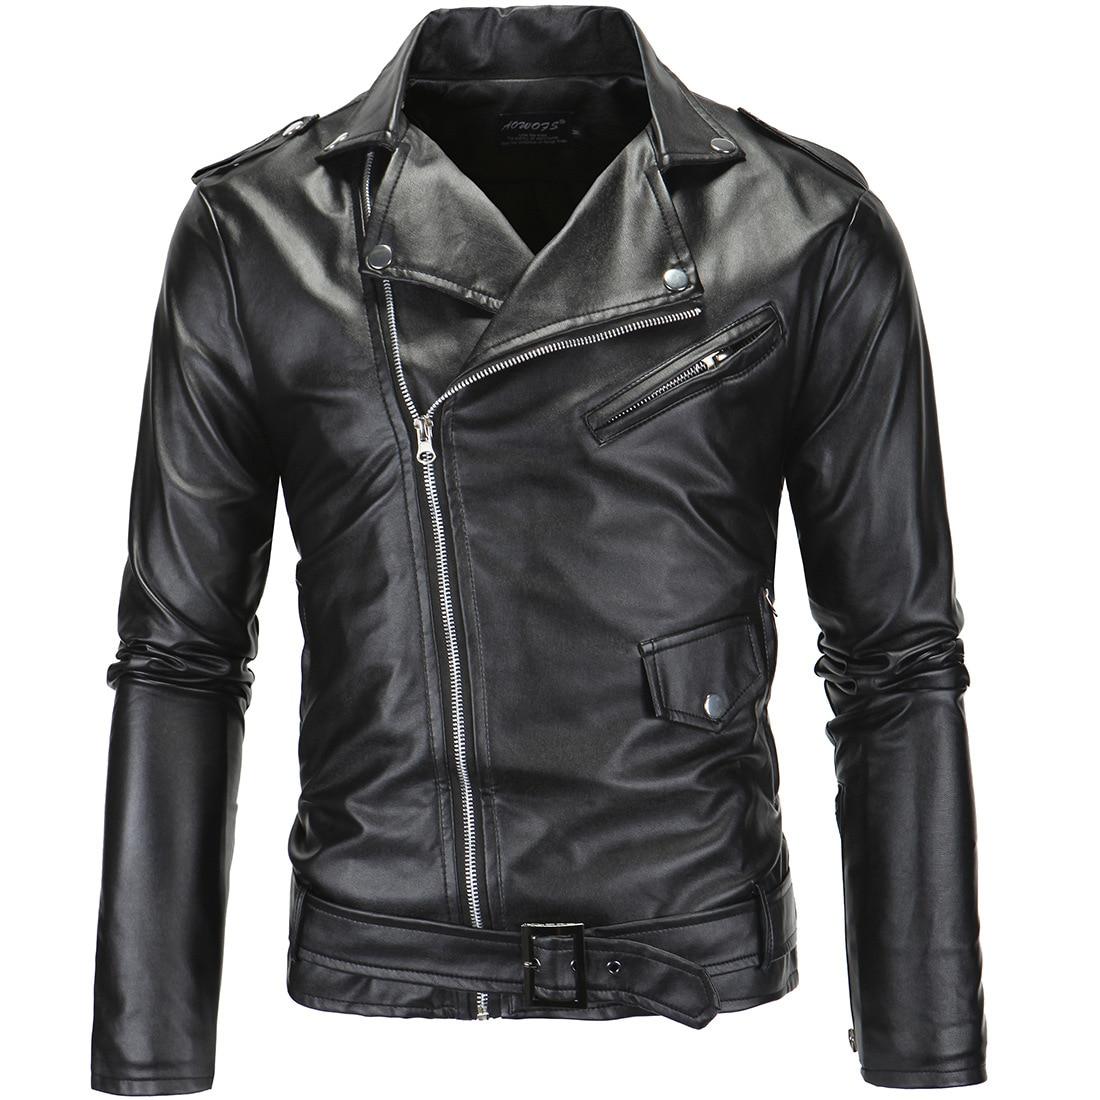 Новинка 2018 года локомотив тонкий кожаный для мужчин кожаные куртки Британская мода куртка